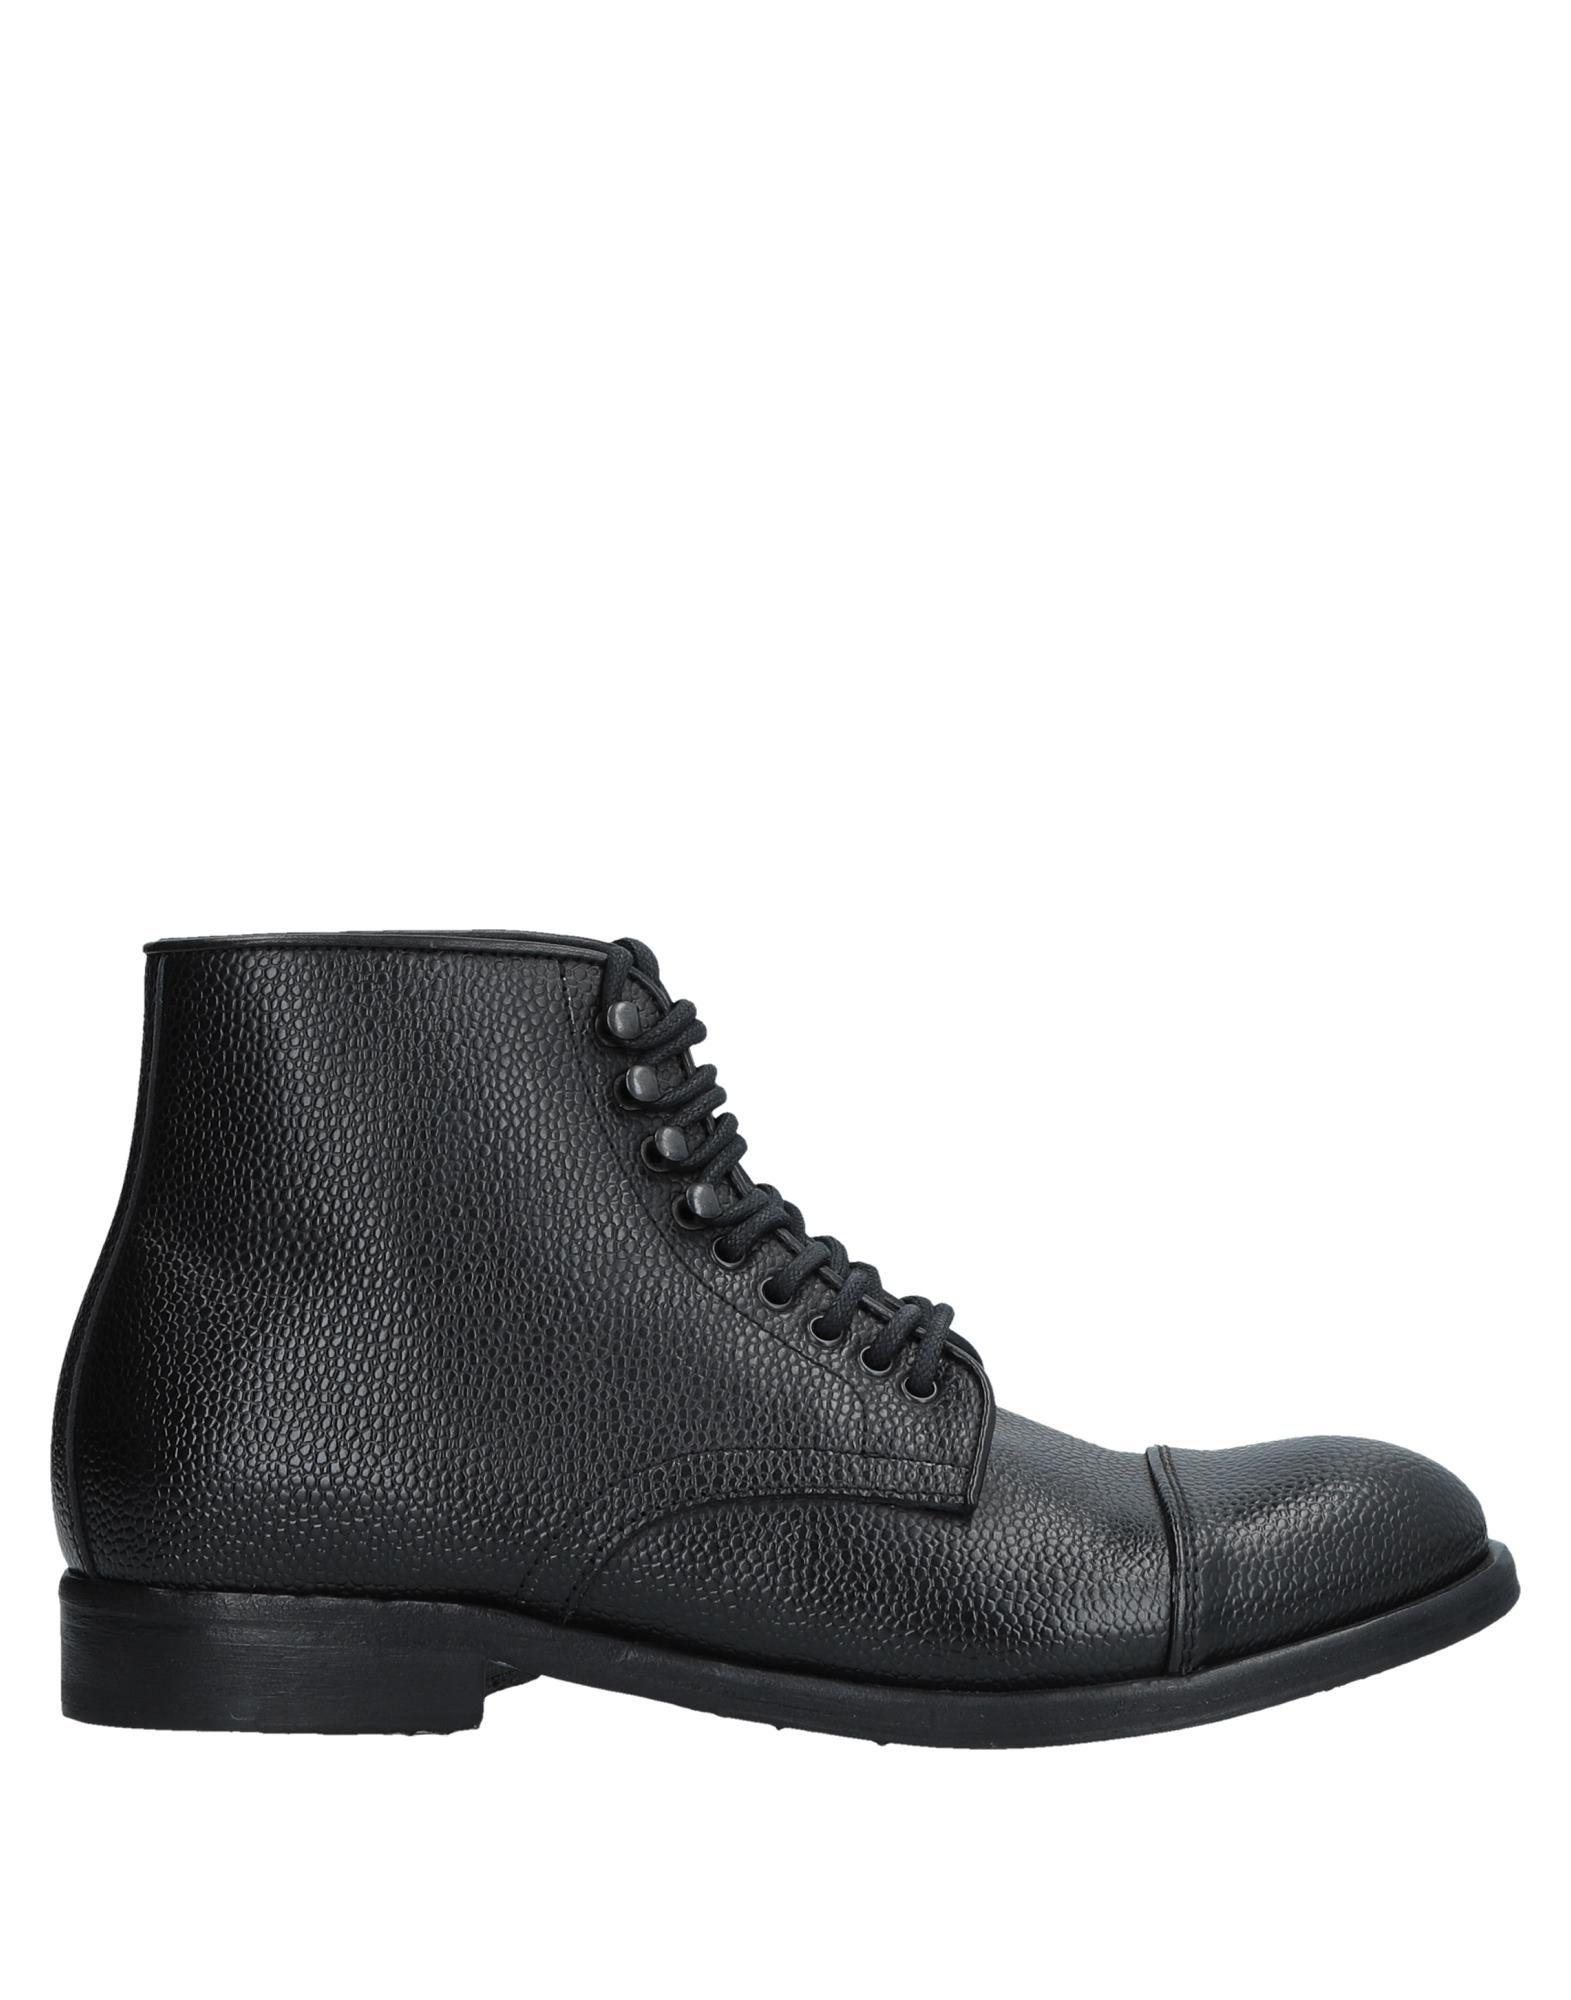 Le Qarant Stiefelette Herren  11529794KI Gute Qualität beliebte Schuhe